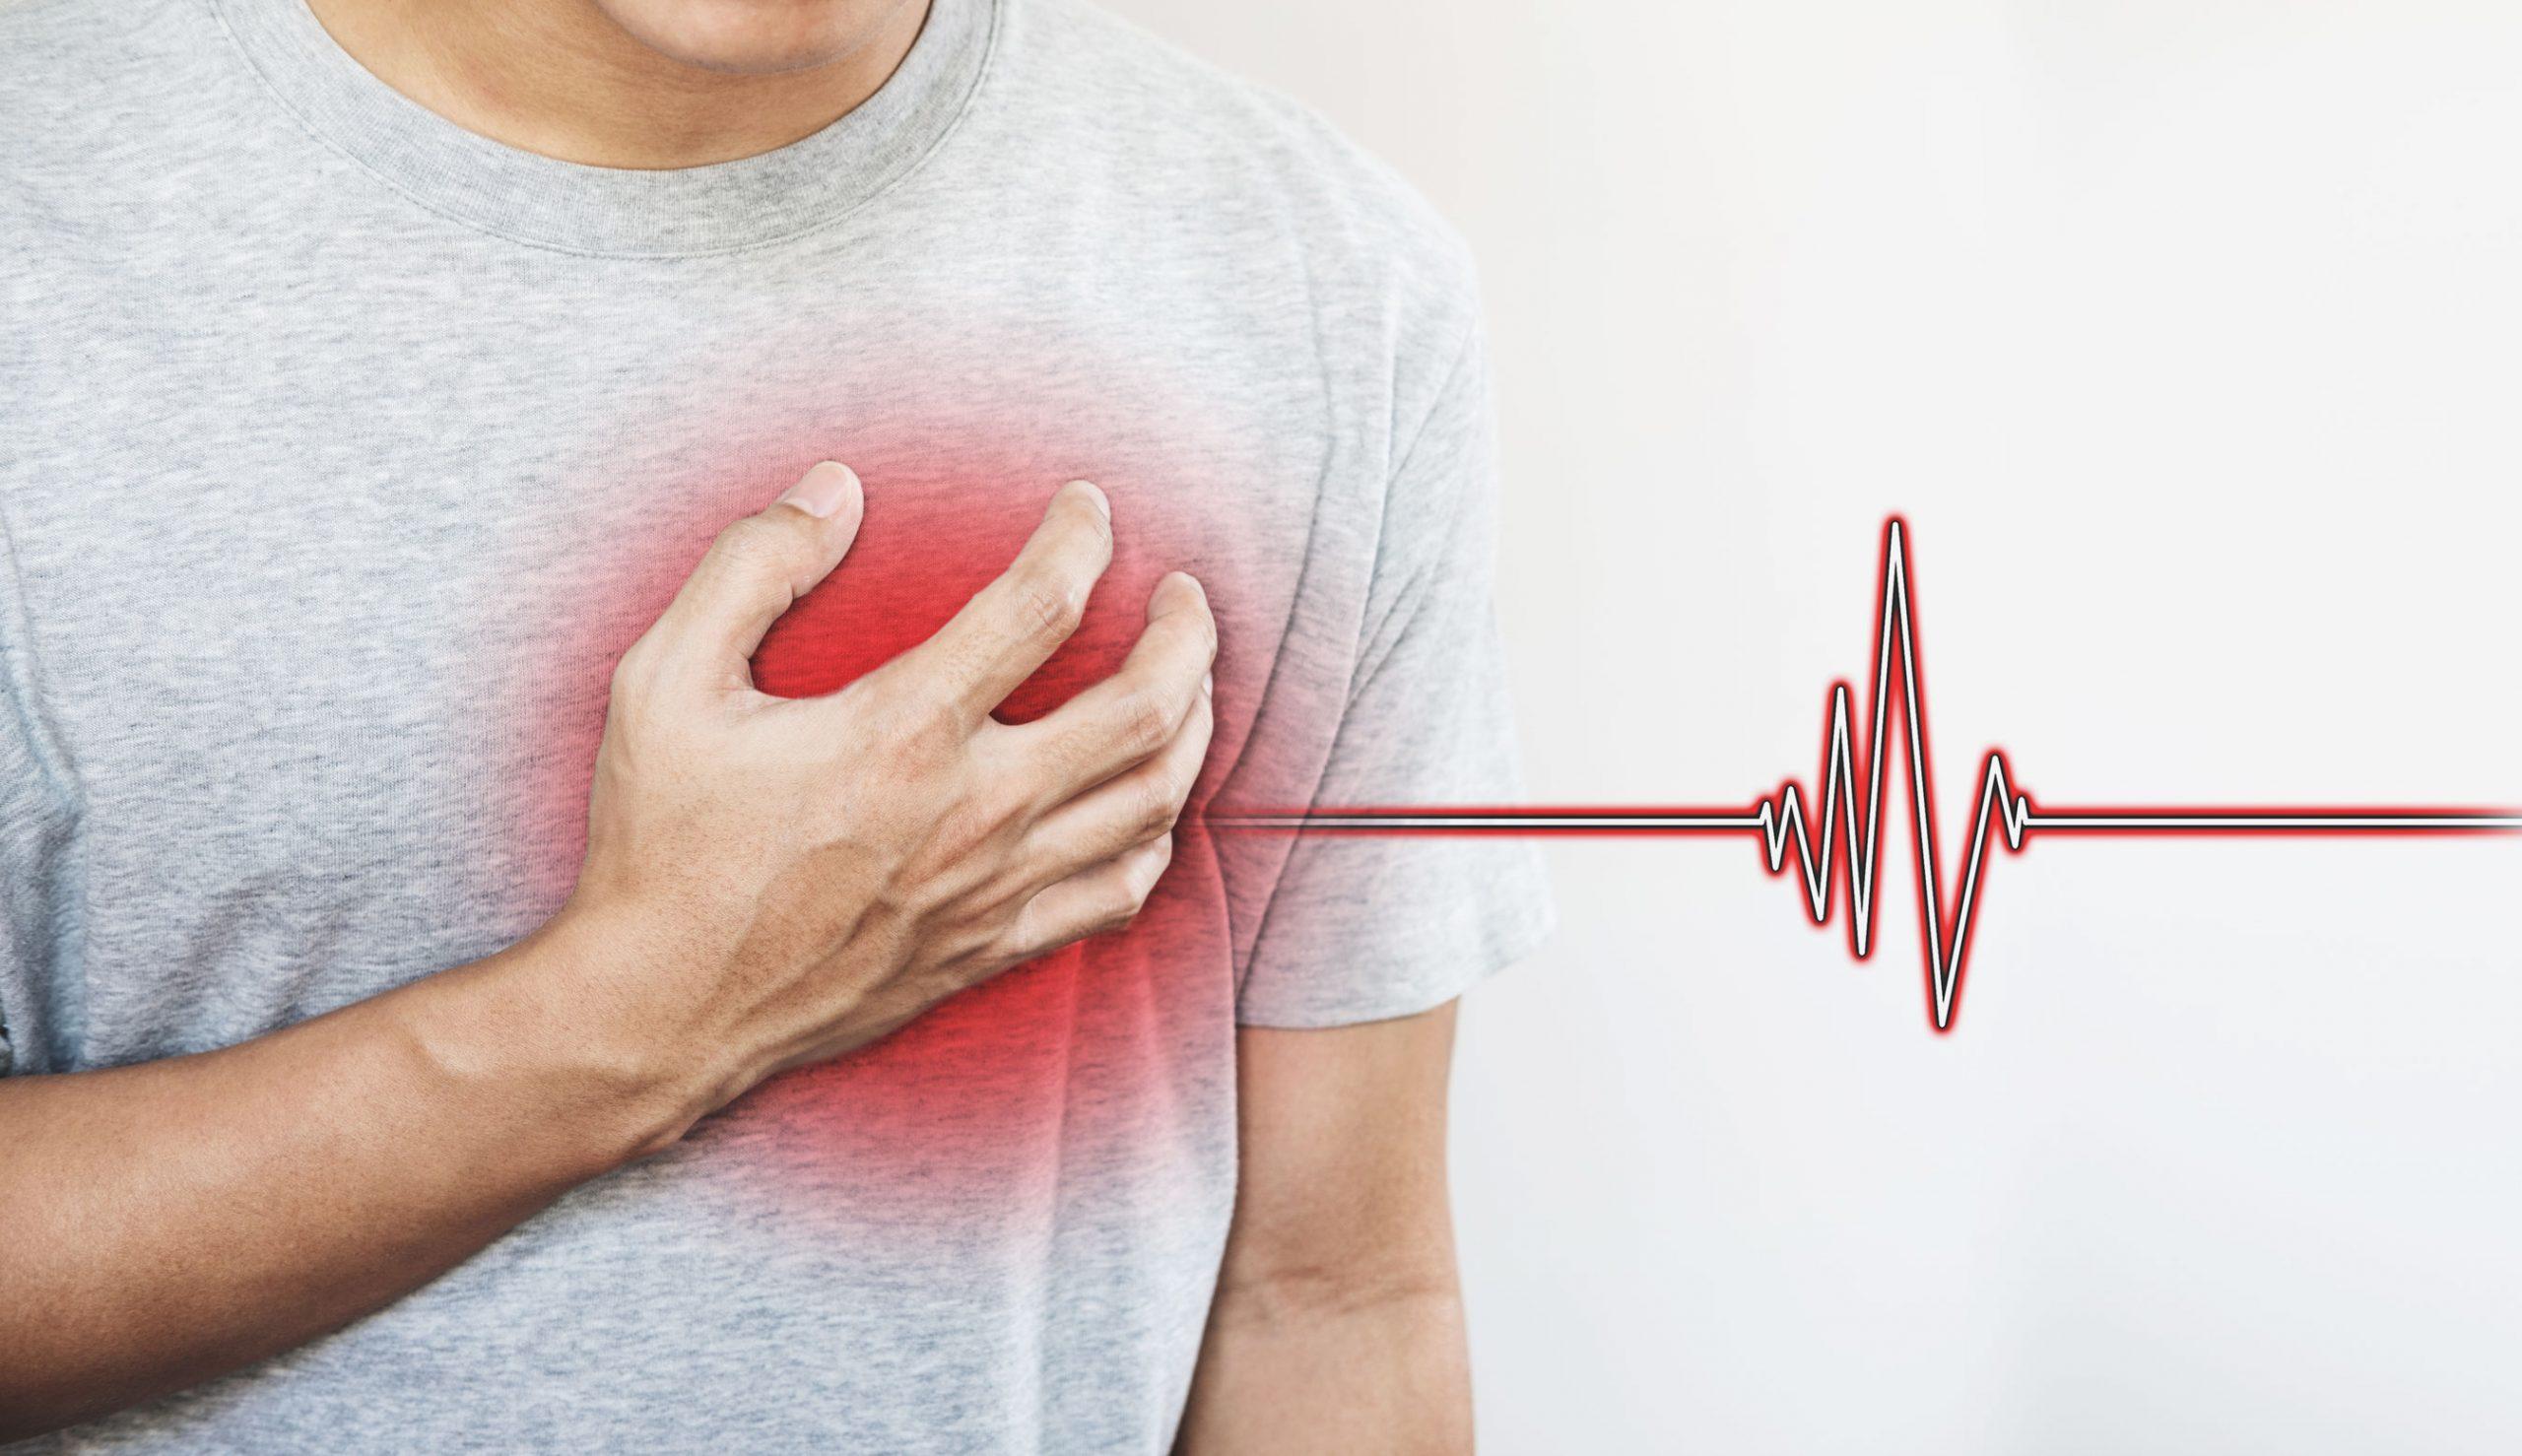 Аритмия сердца: симптомы и признаки, лечение, виды, первая помощь